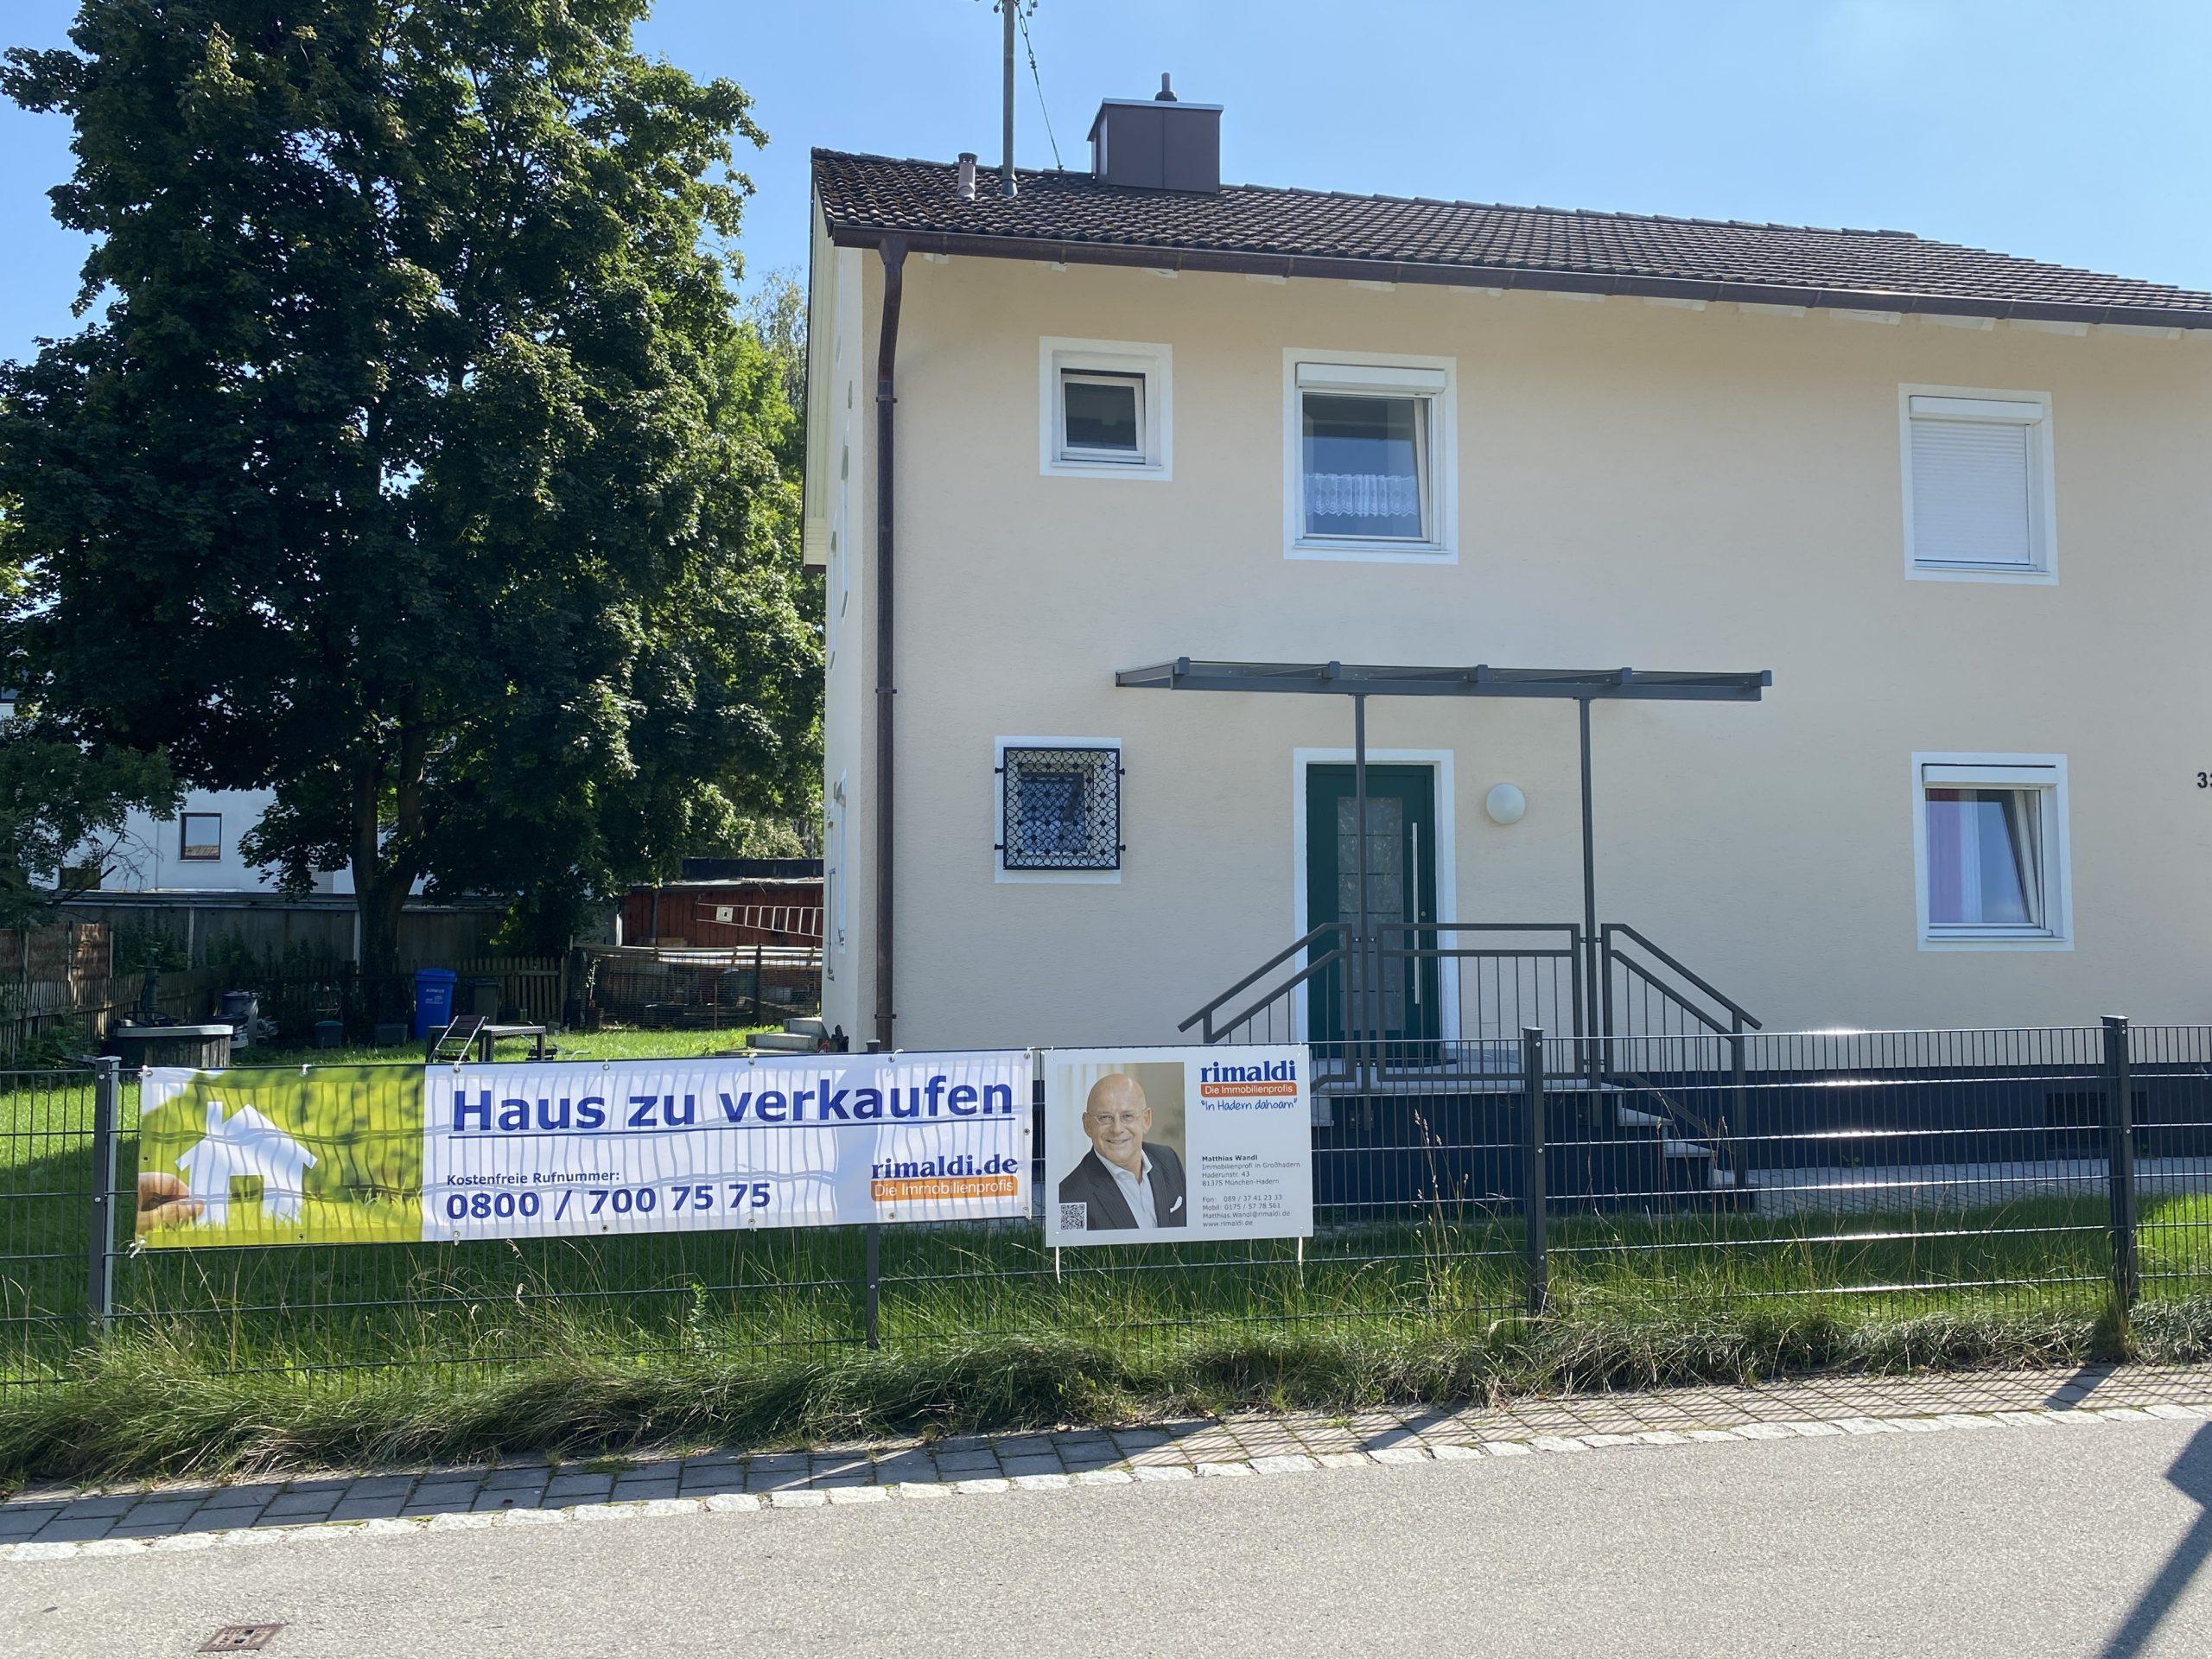 Einfamilienhaus in München-Eichenau zu verkaufen